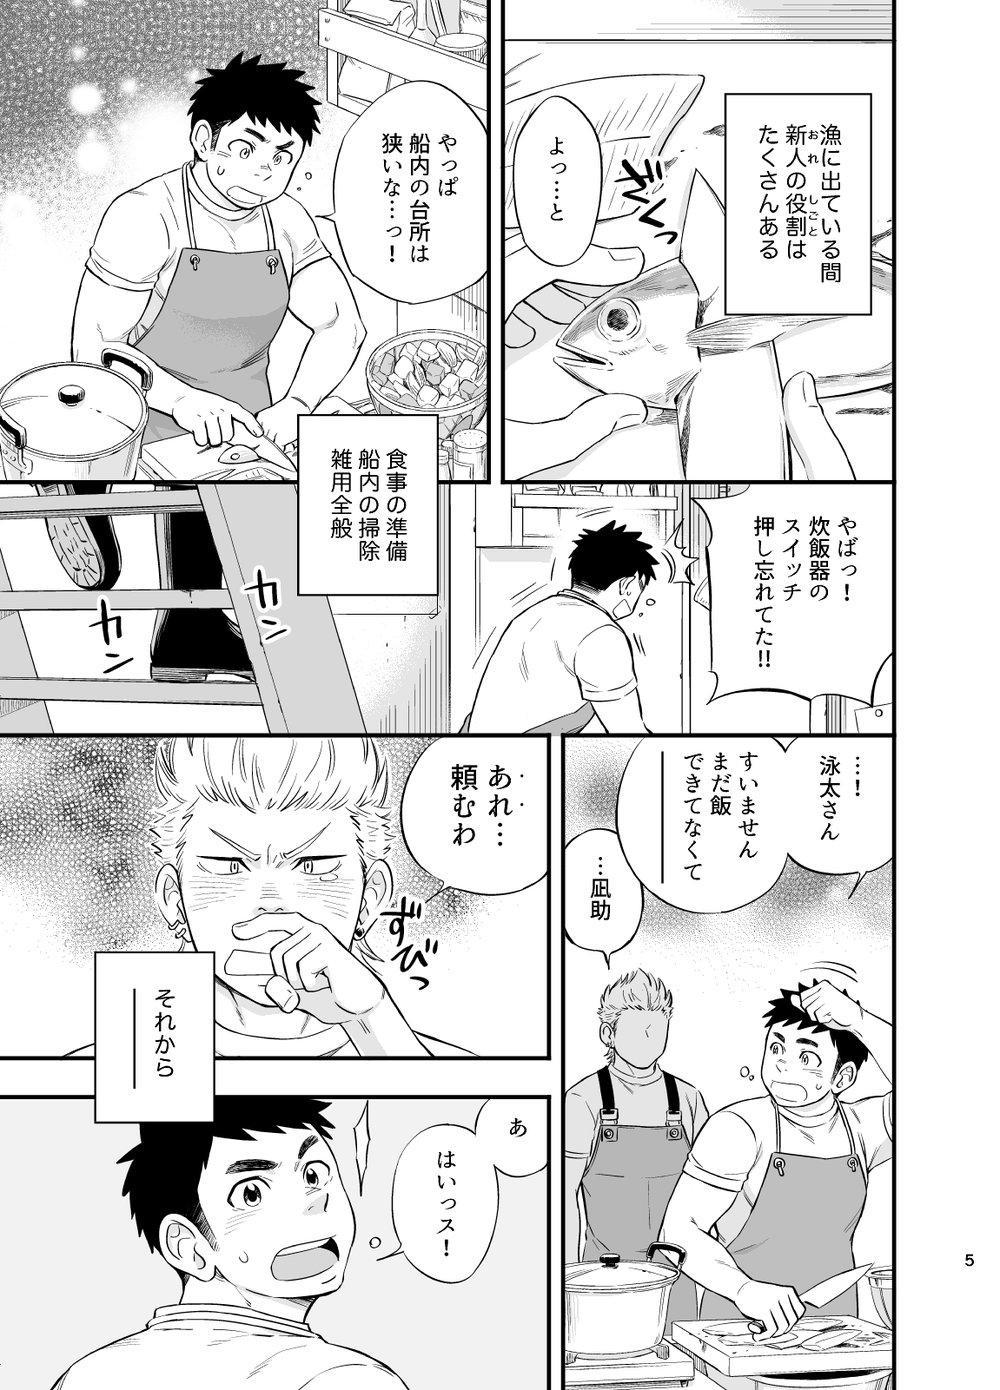 Umi no Otoko 5